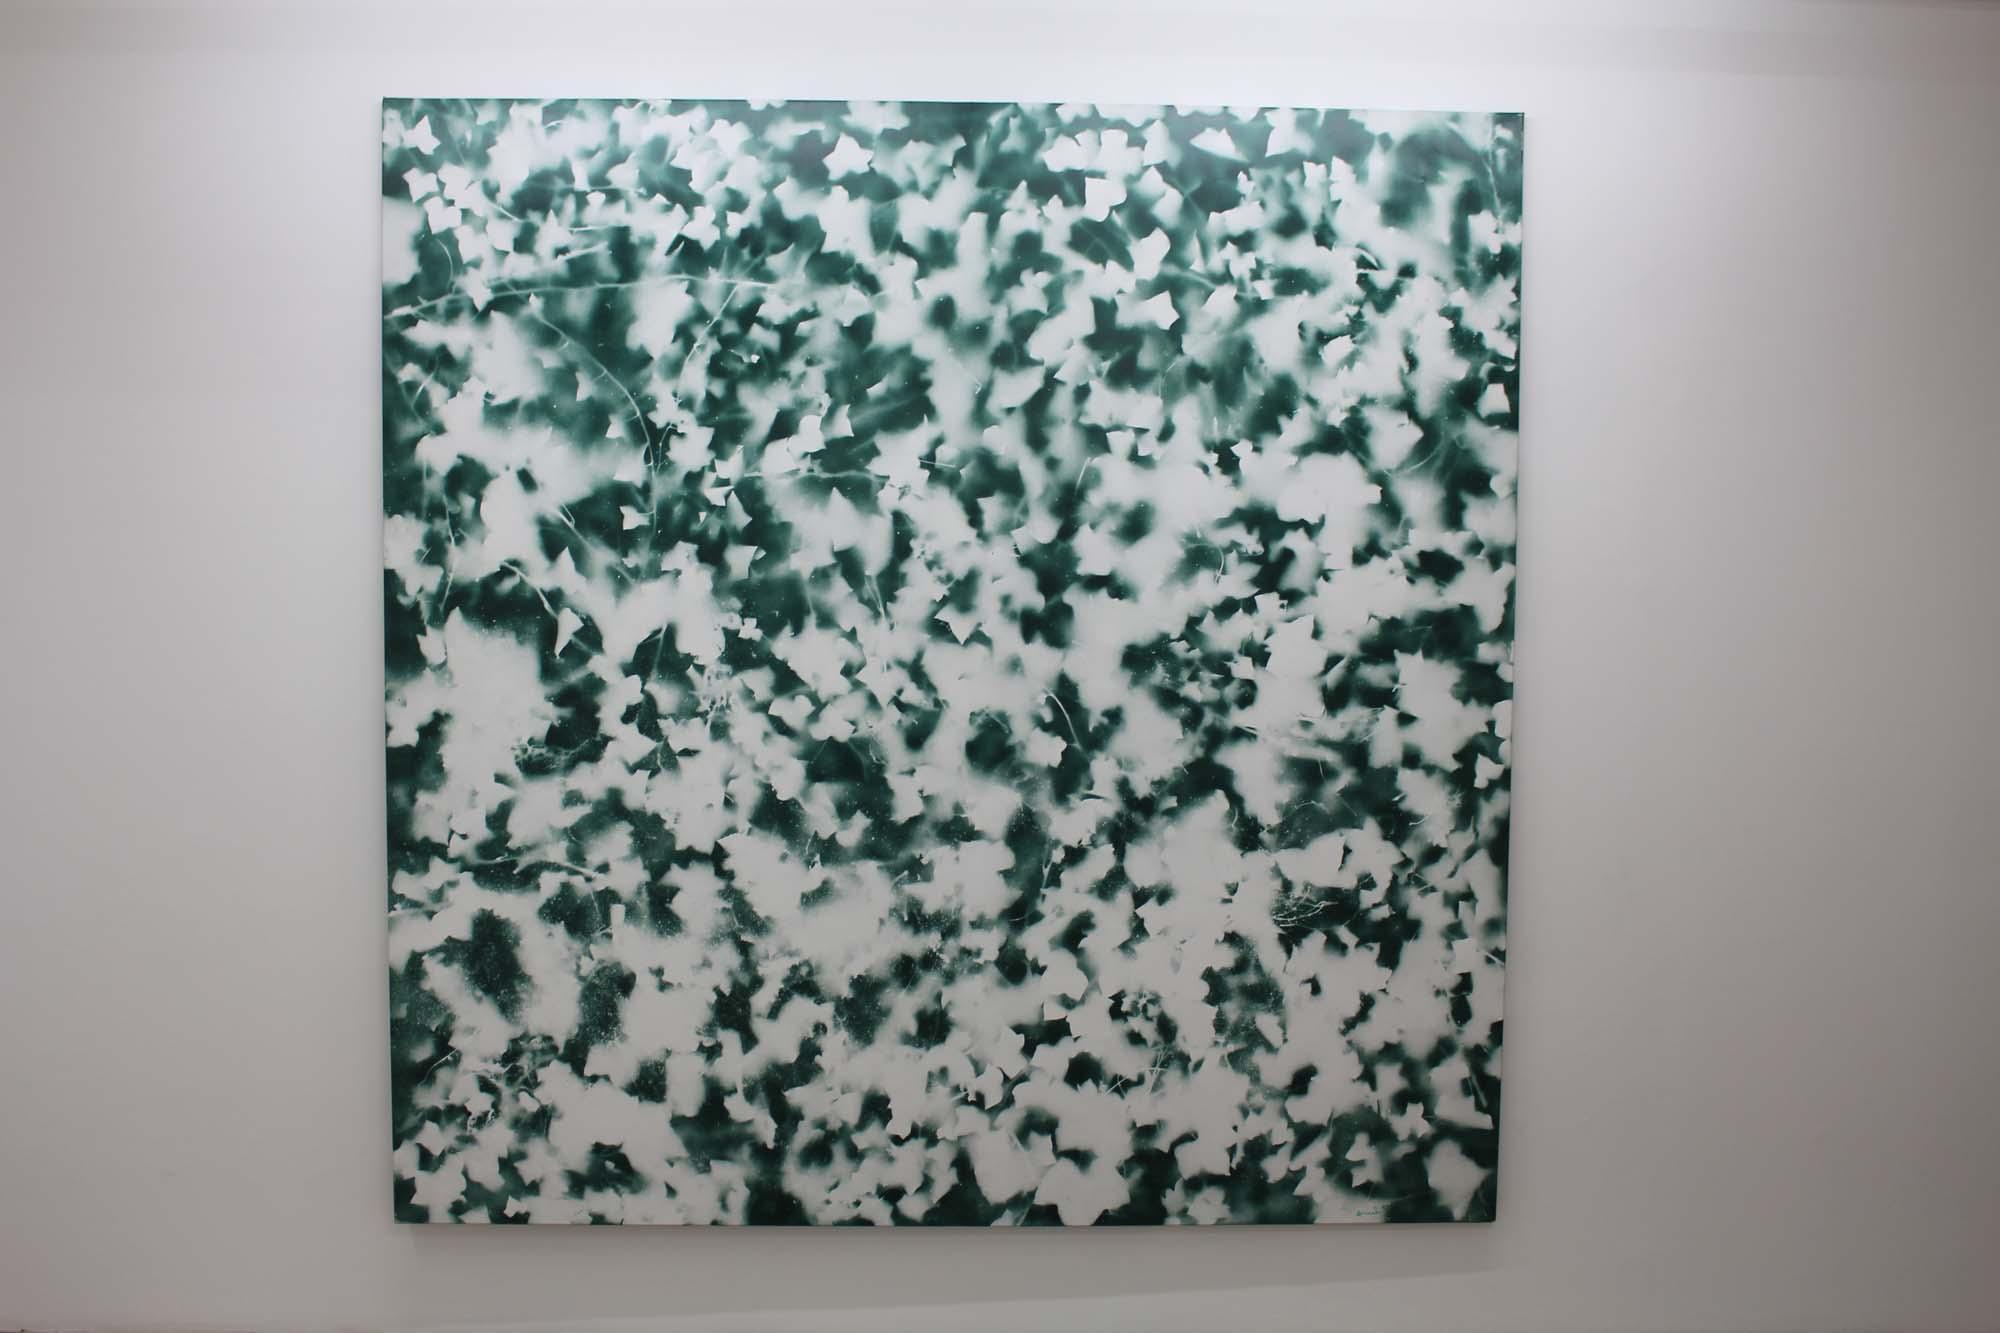 Il y a aussi des feuilles 1998 Bombe aérosol couleur et pochoir 100x81